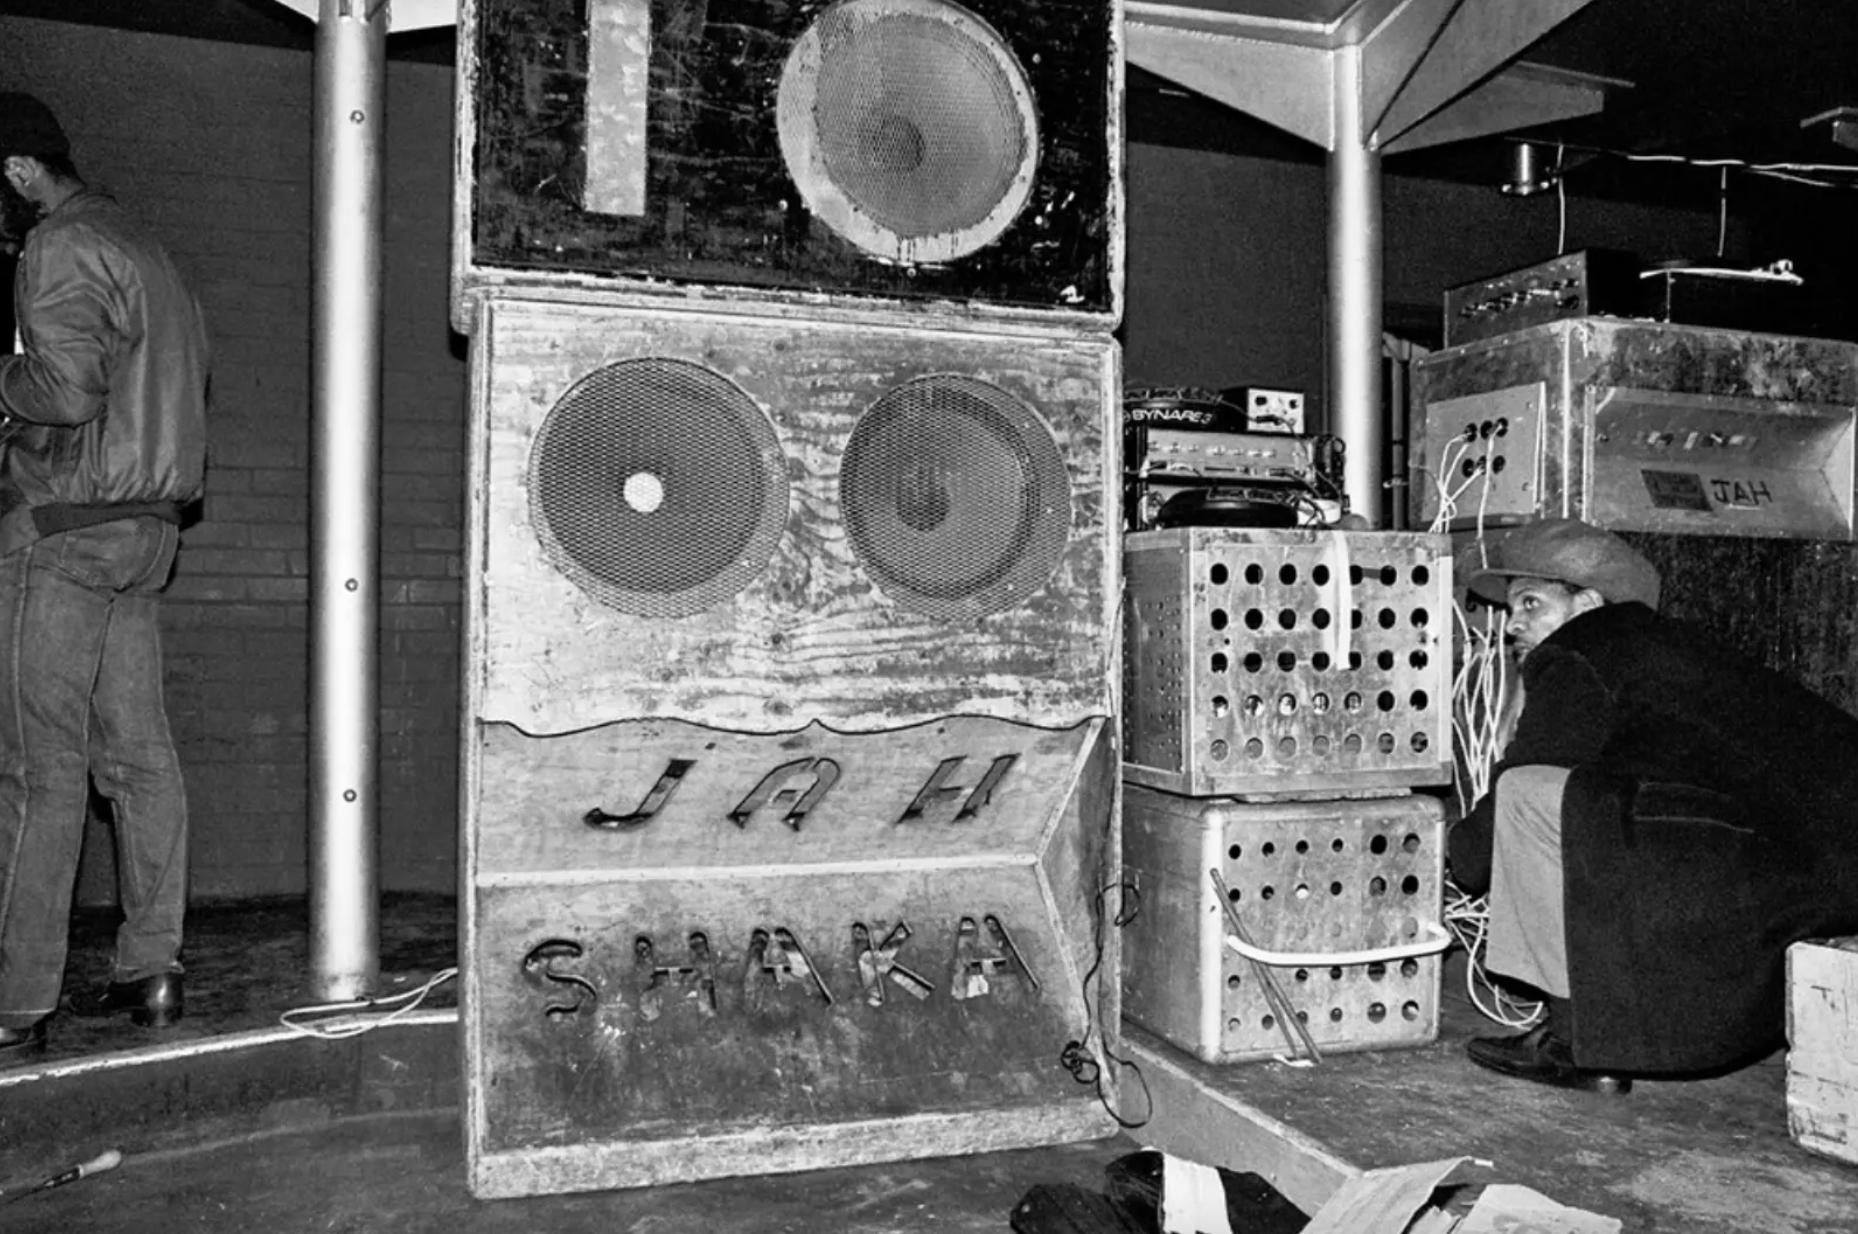 Jah Shaka Soundsystem